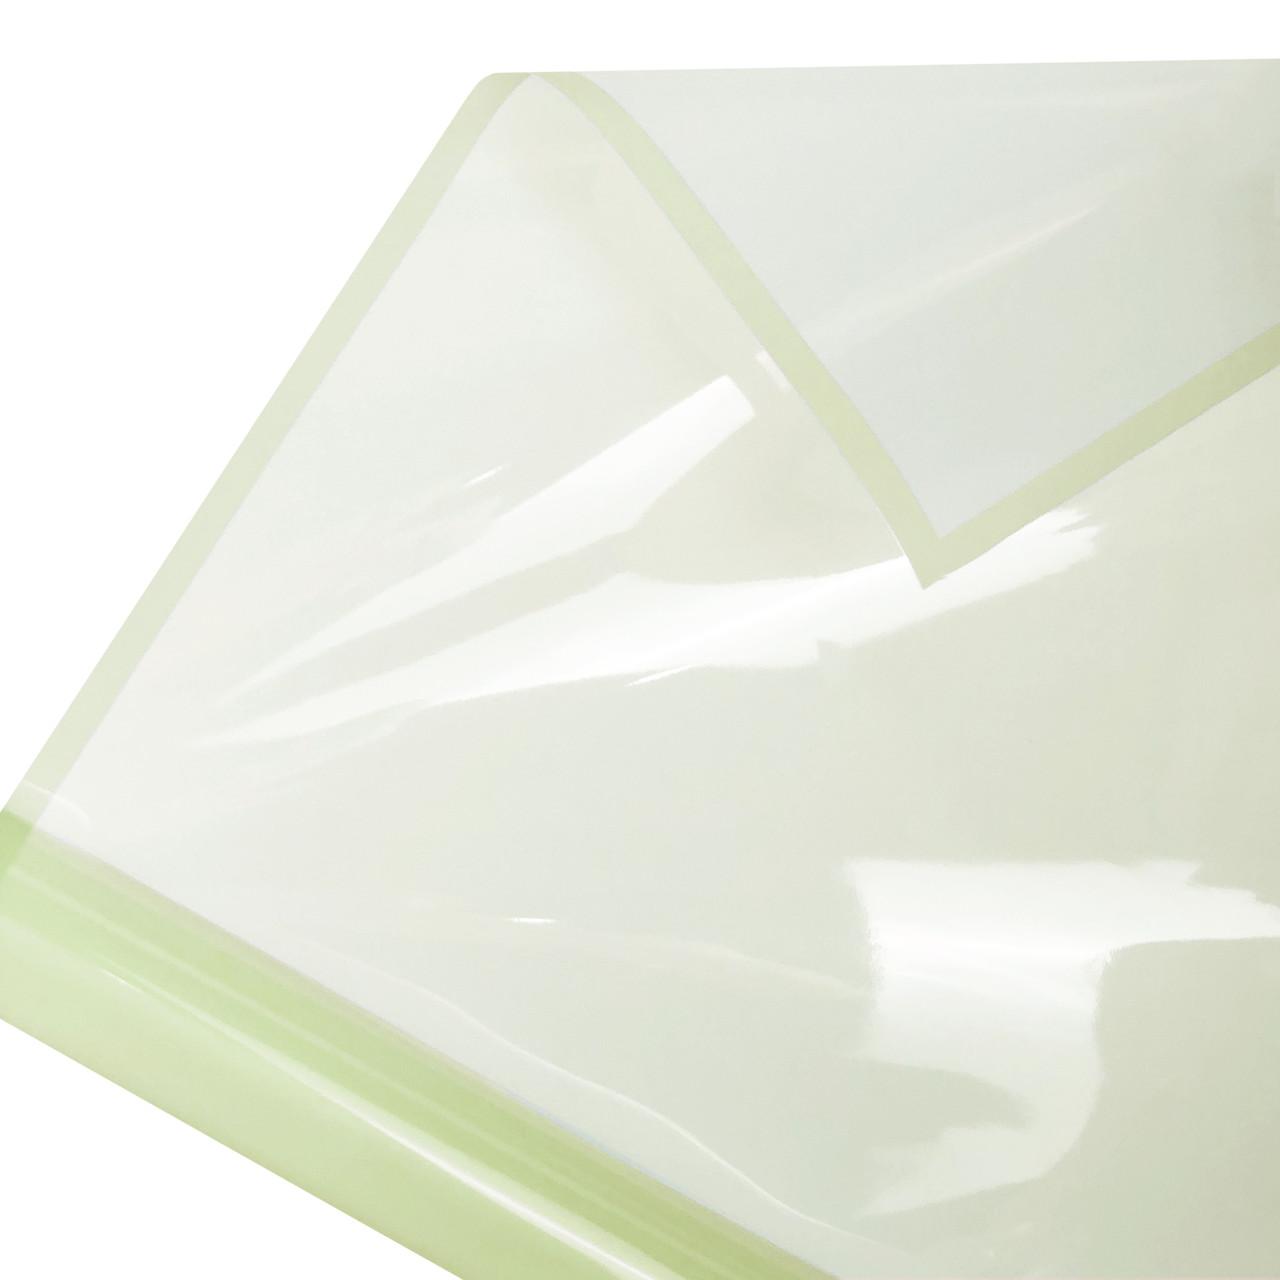 Калька глянцевий кант в рулоні фісташкова 60*60 см (15 рамок)